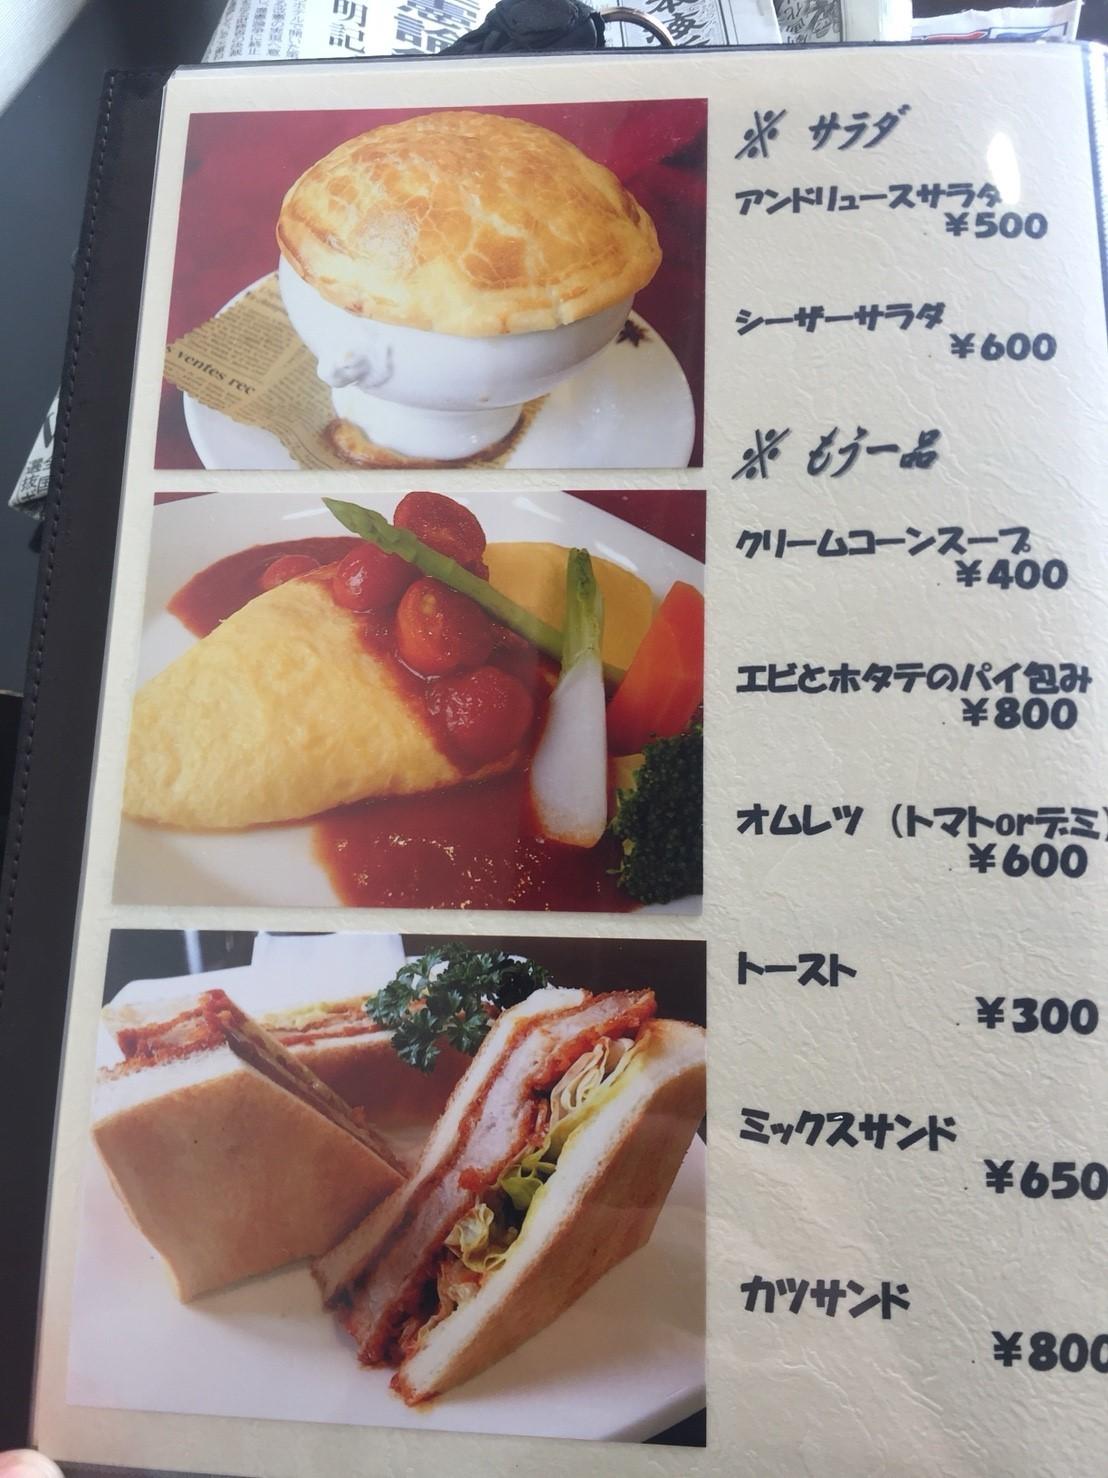 cafe & restaurant アンドリュース  ランチ  ミックスフライセット_e0115904_07110480.jpg